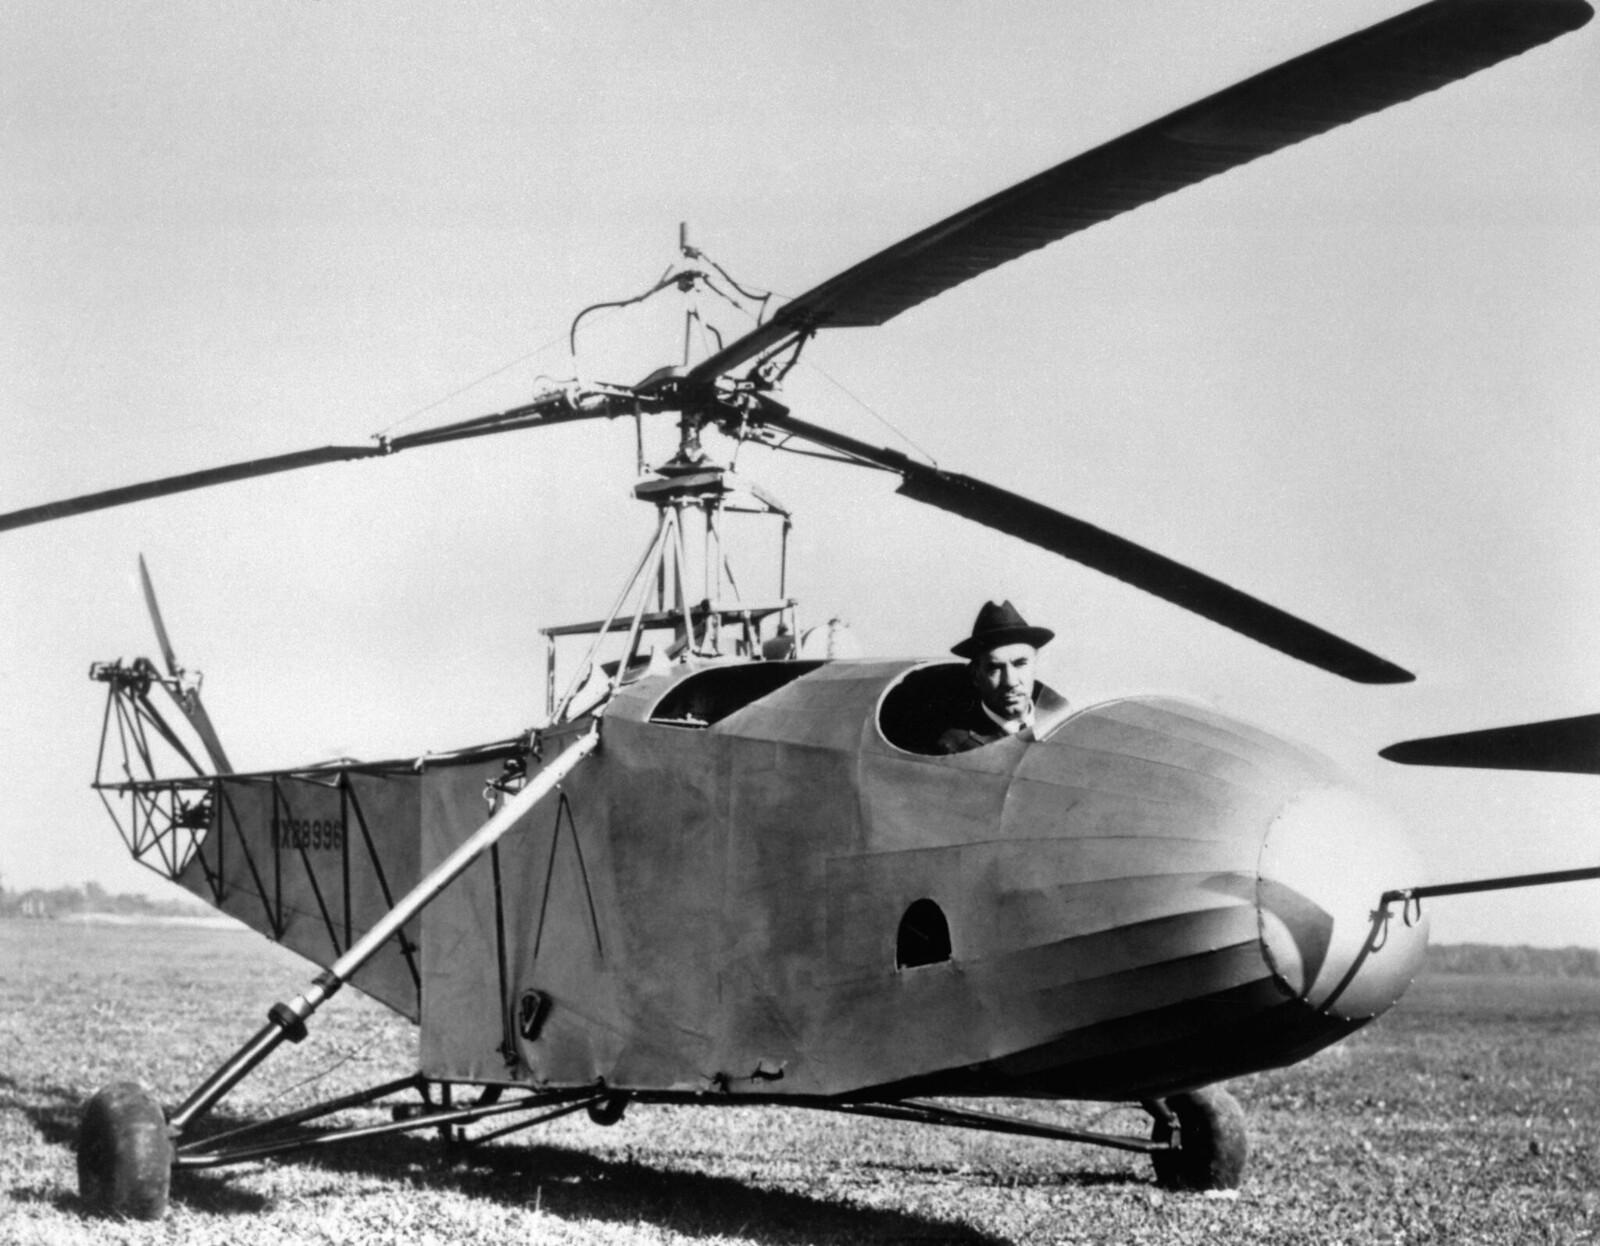 1943. Игорь Сикорский в кабине одного из вертолетов, которые он построил, bc-300